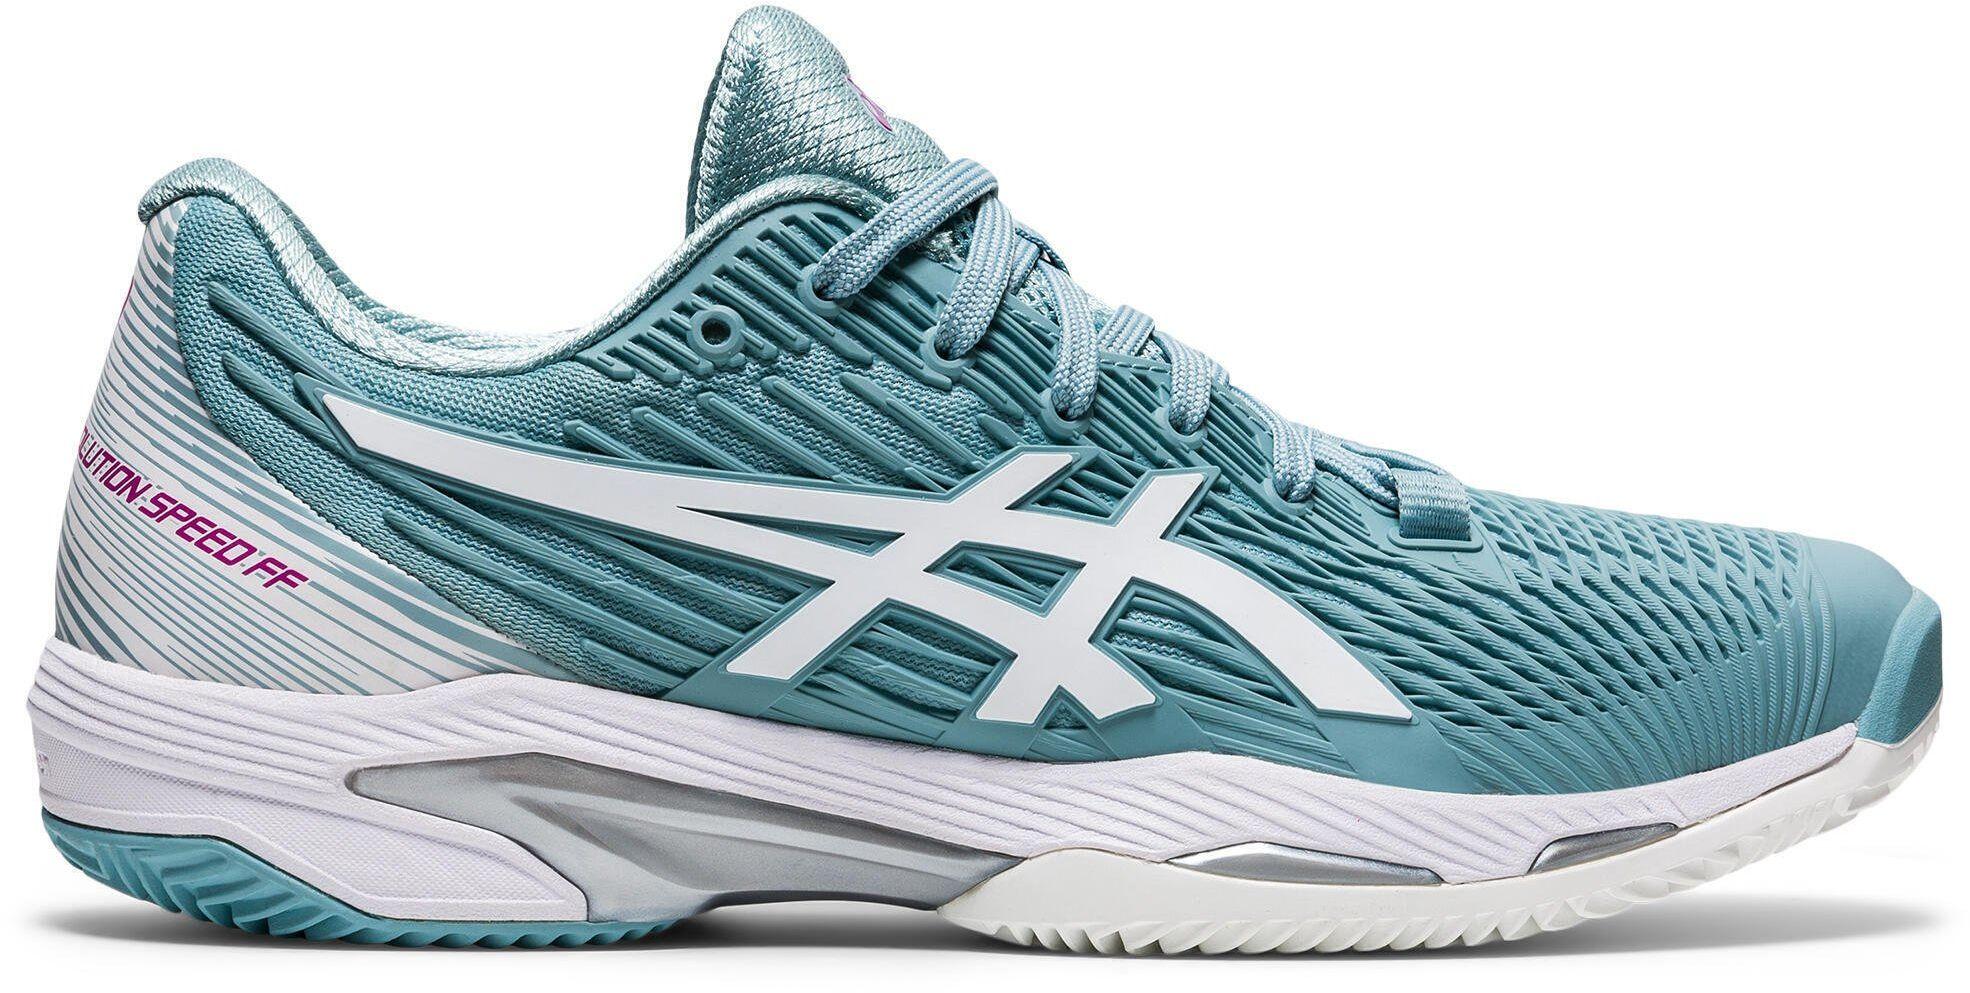 Buty tenisowe Asics Solution Speed Clay FF2 damskie na mączkę ceglaną